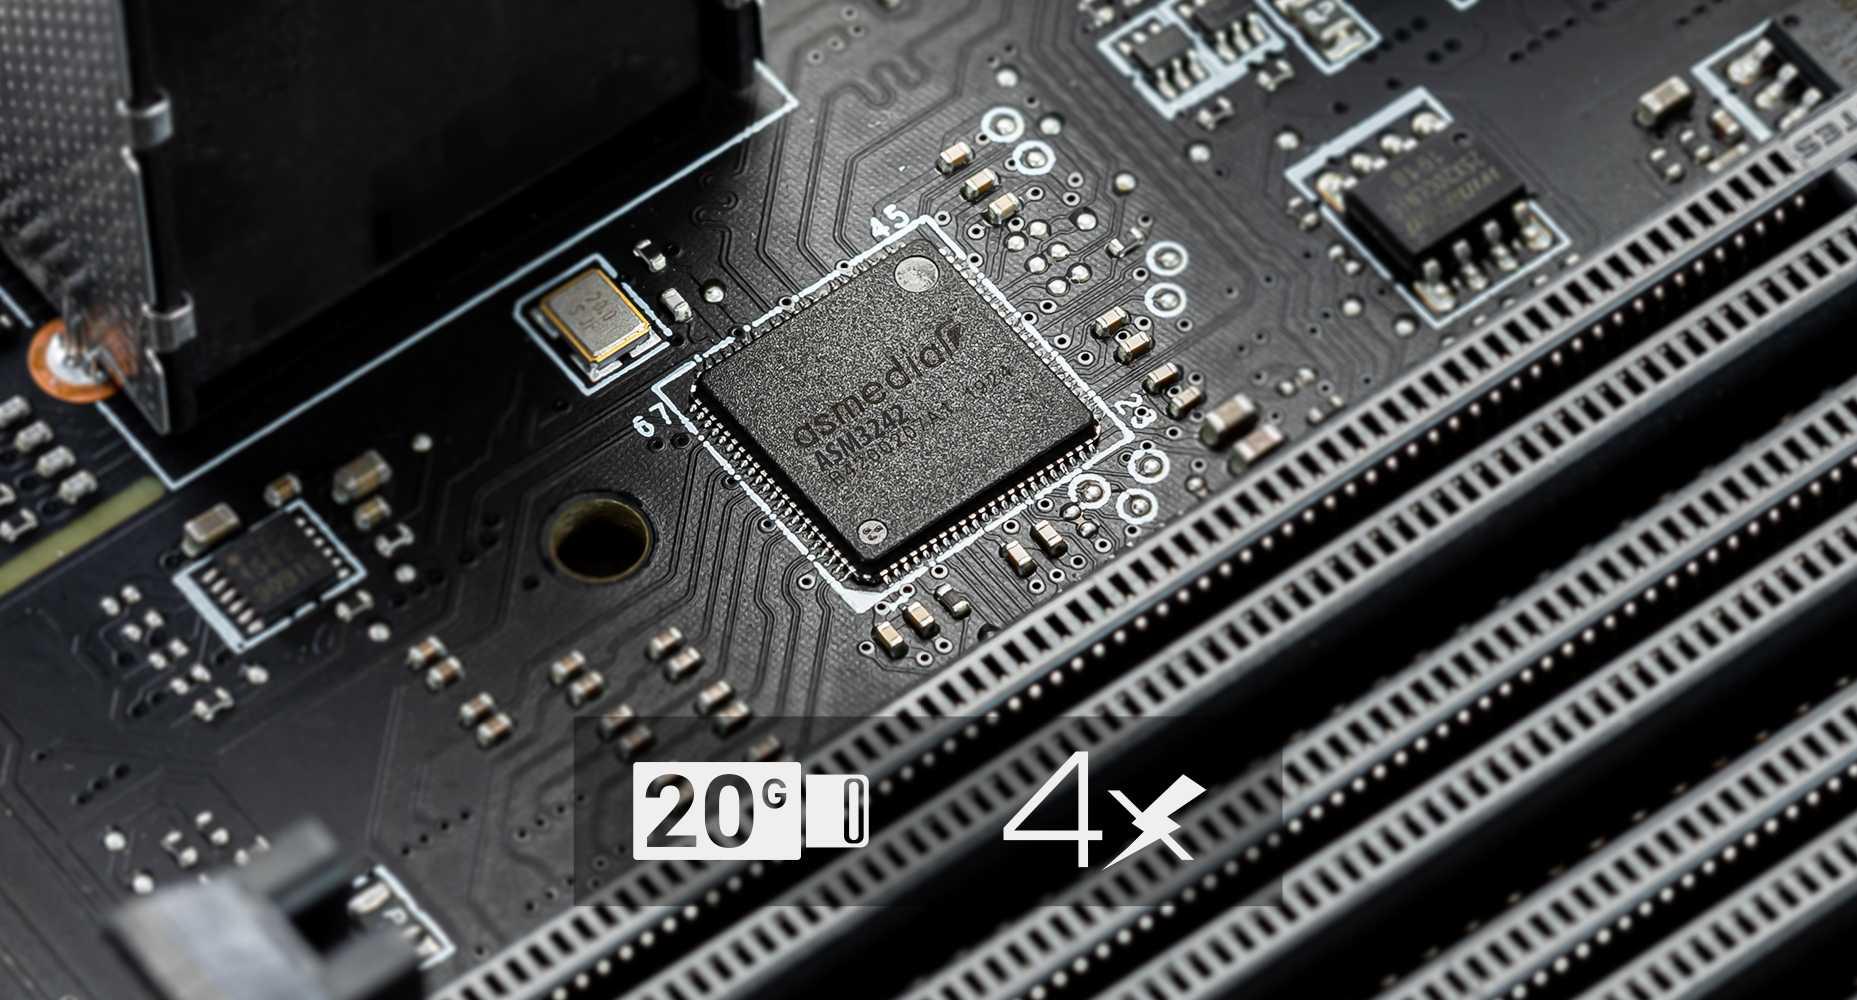 MSI X299 PRO 4X Faster Lightning USB 20G